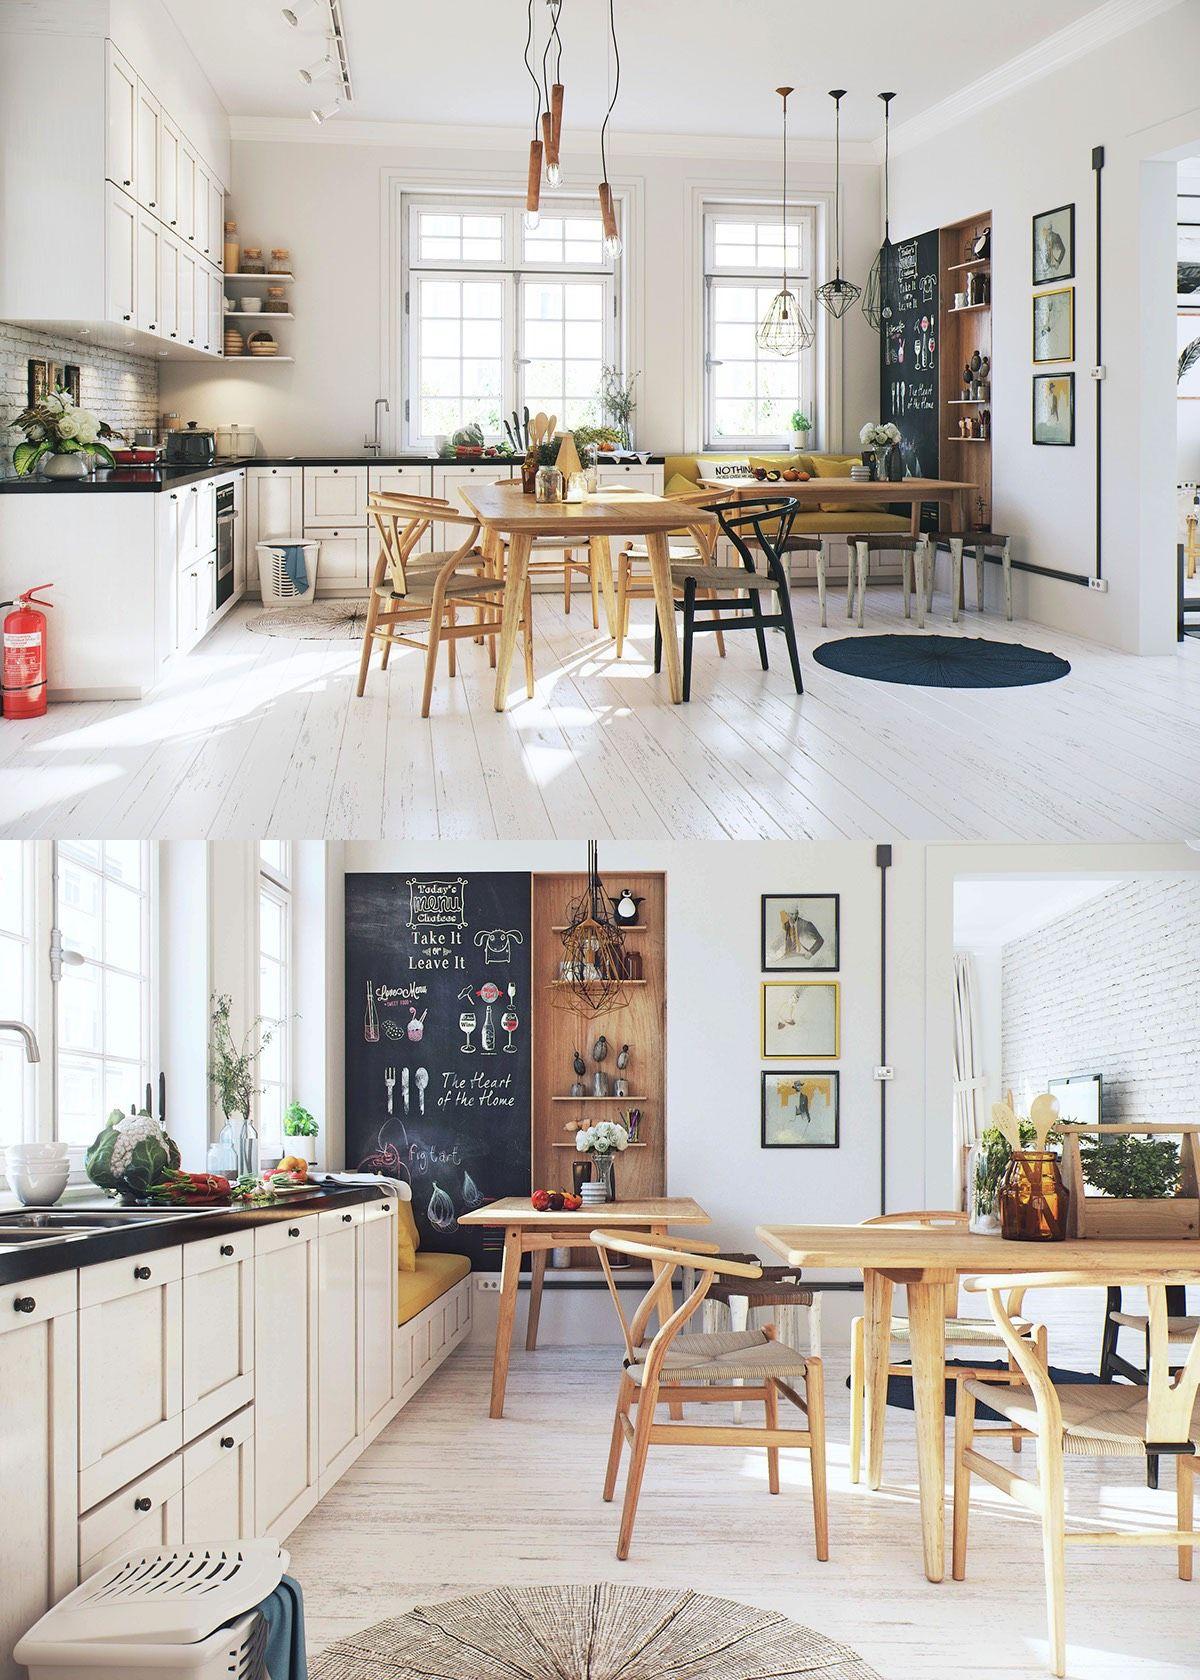 Scandinavian Dining Room Design Ideas Inspiration Scandinavian Dining Room Interior Design Dining Room Interior Design Kitchen #rustic #scandinavian #living #room